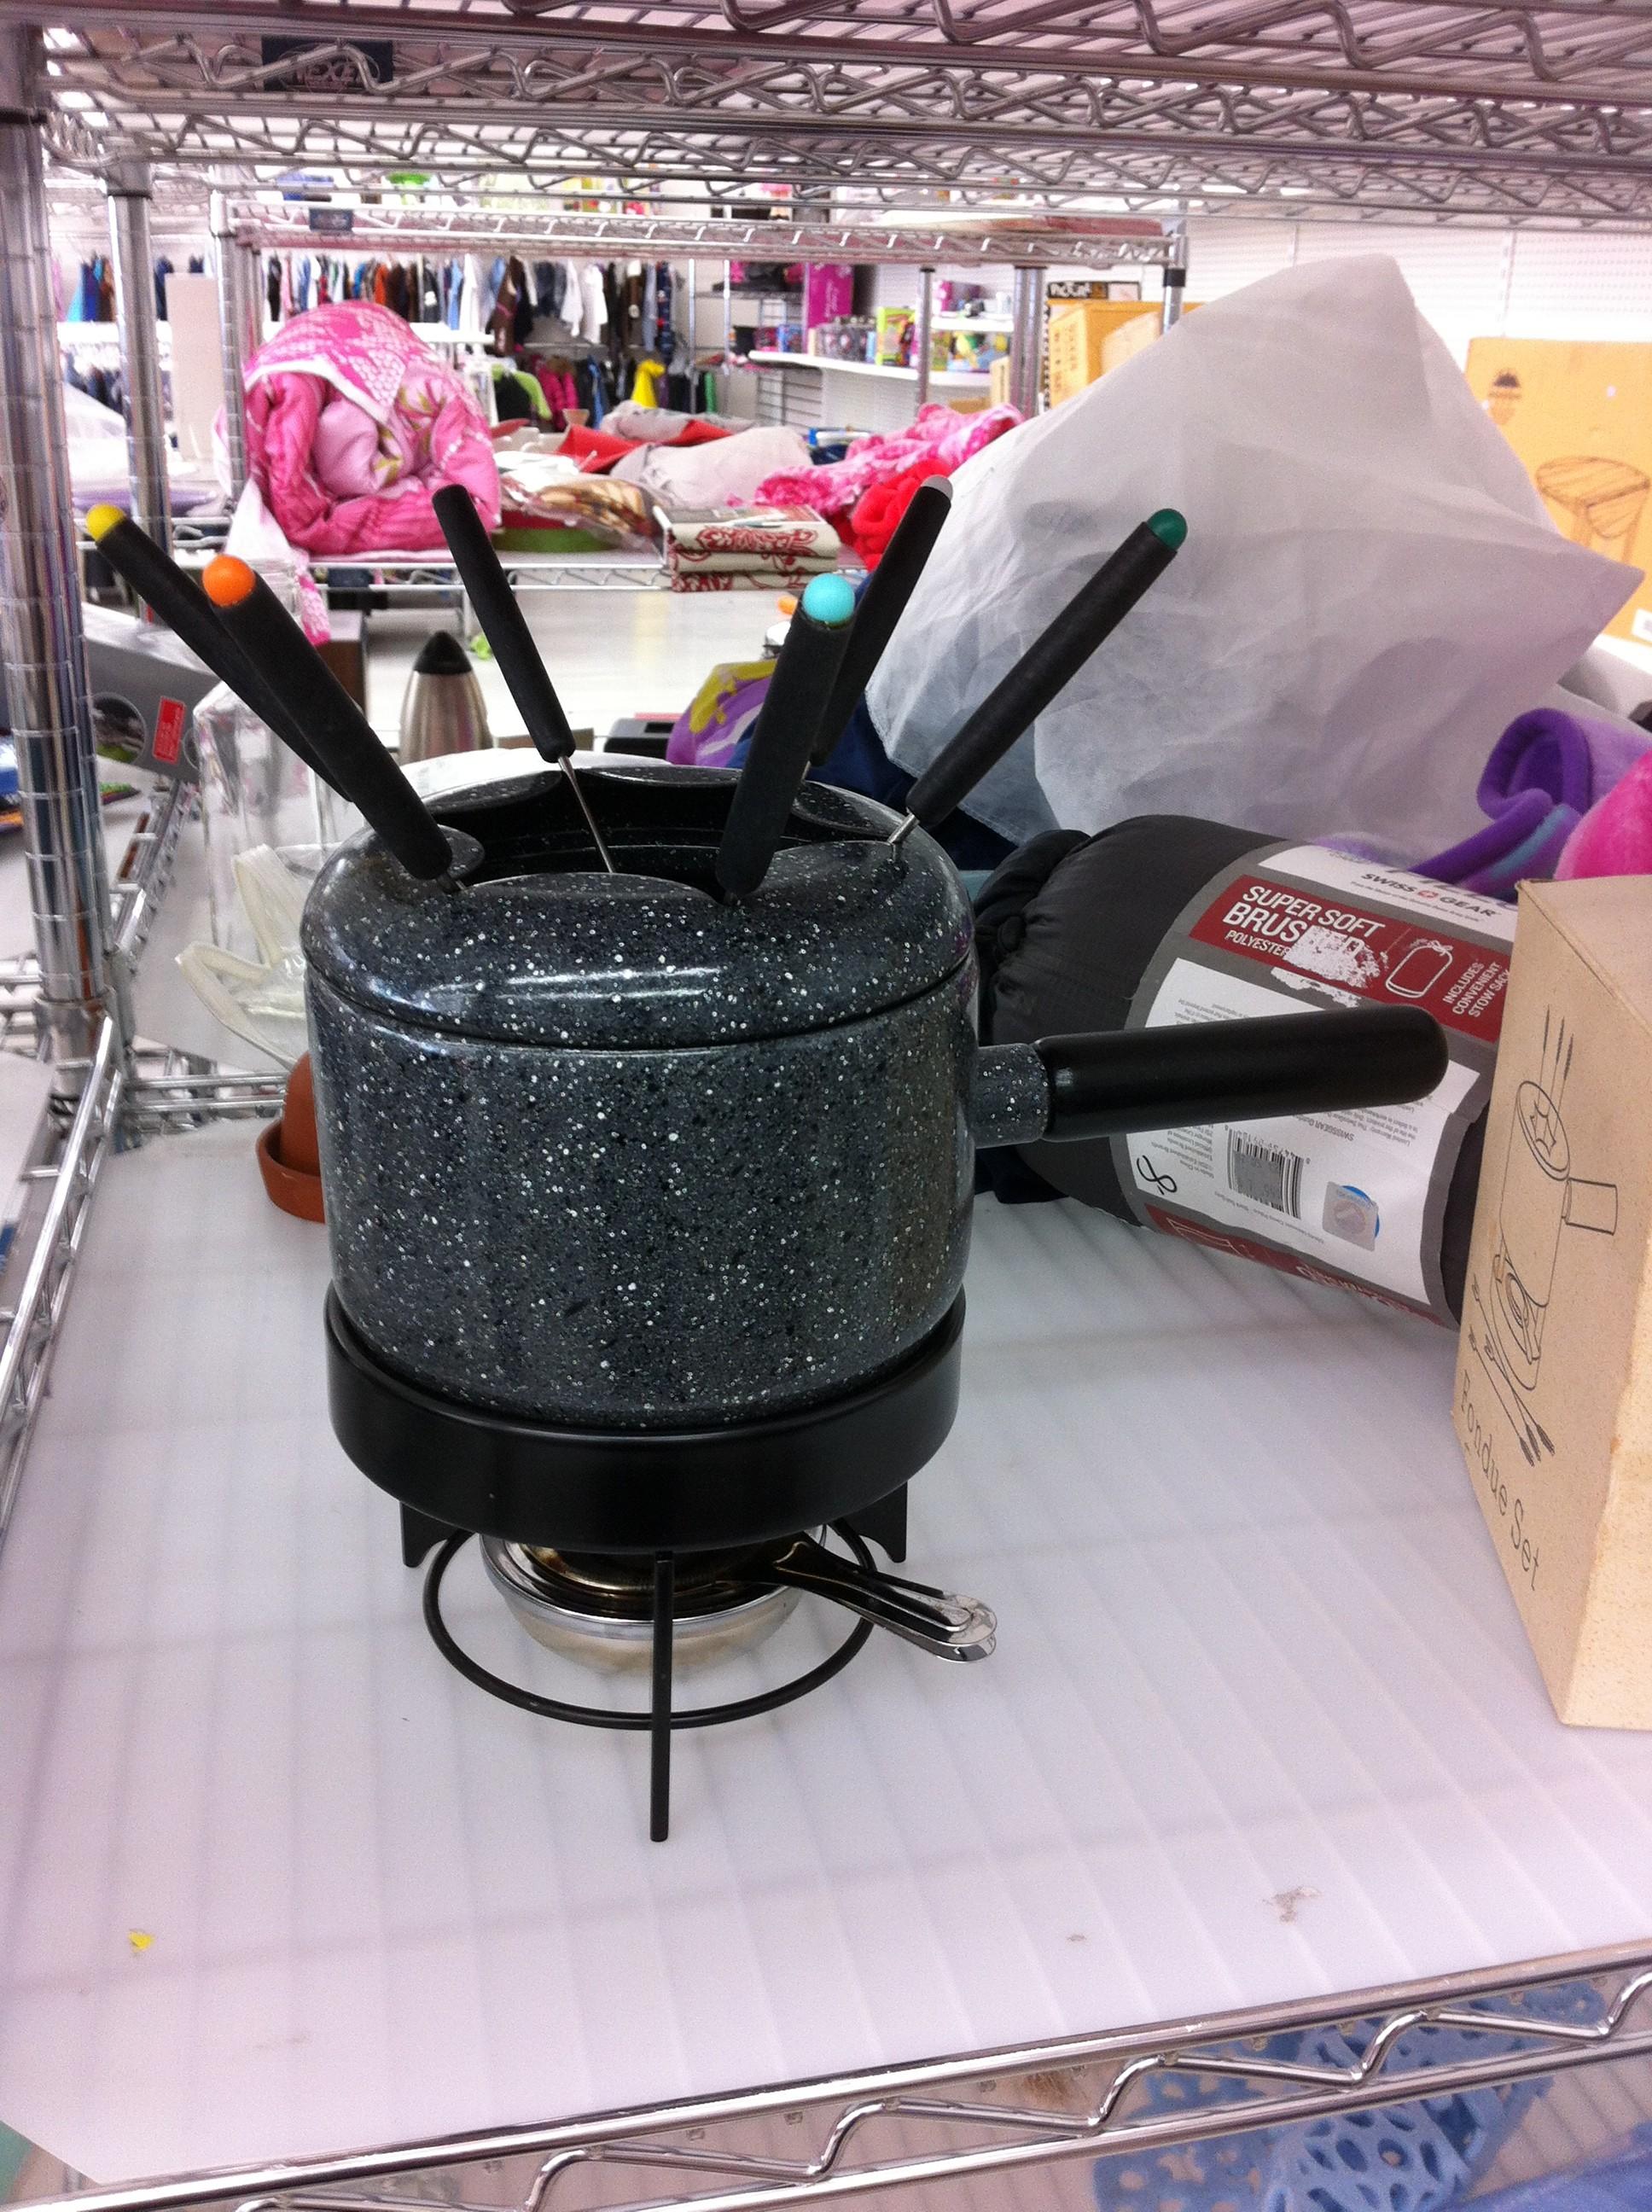 A pic of a vintage black enamel fondue set